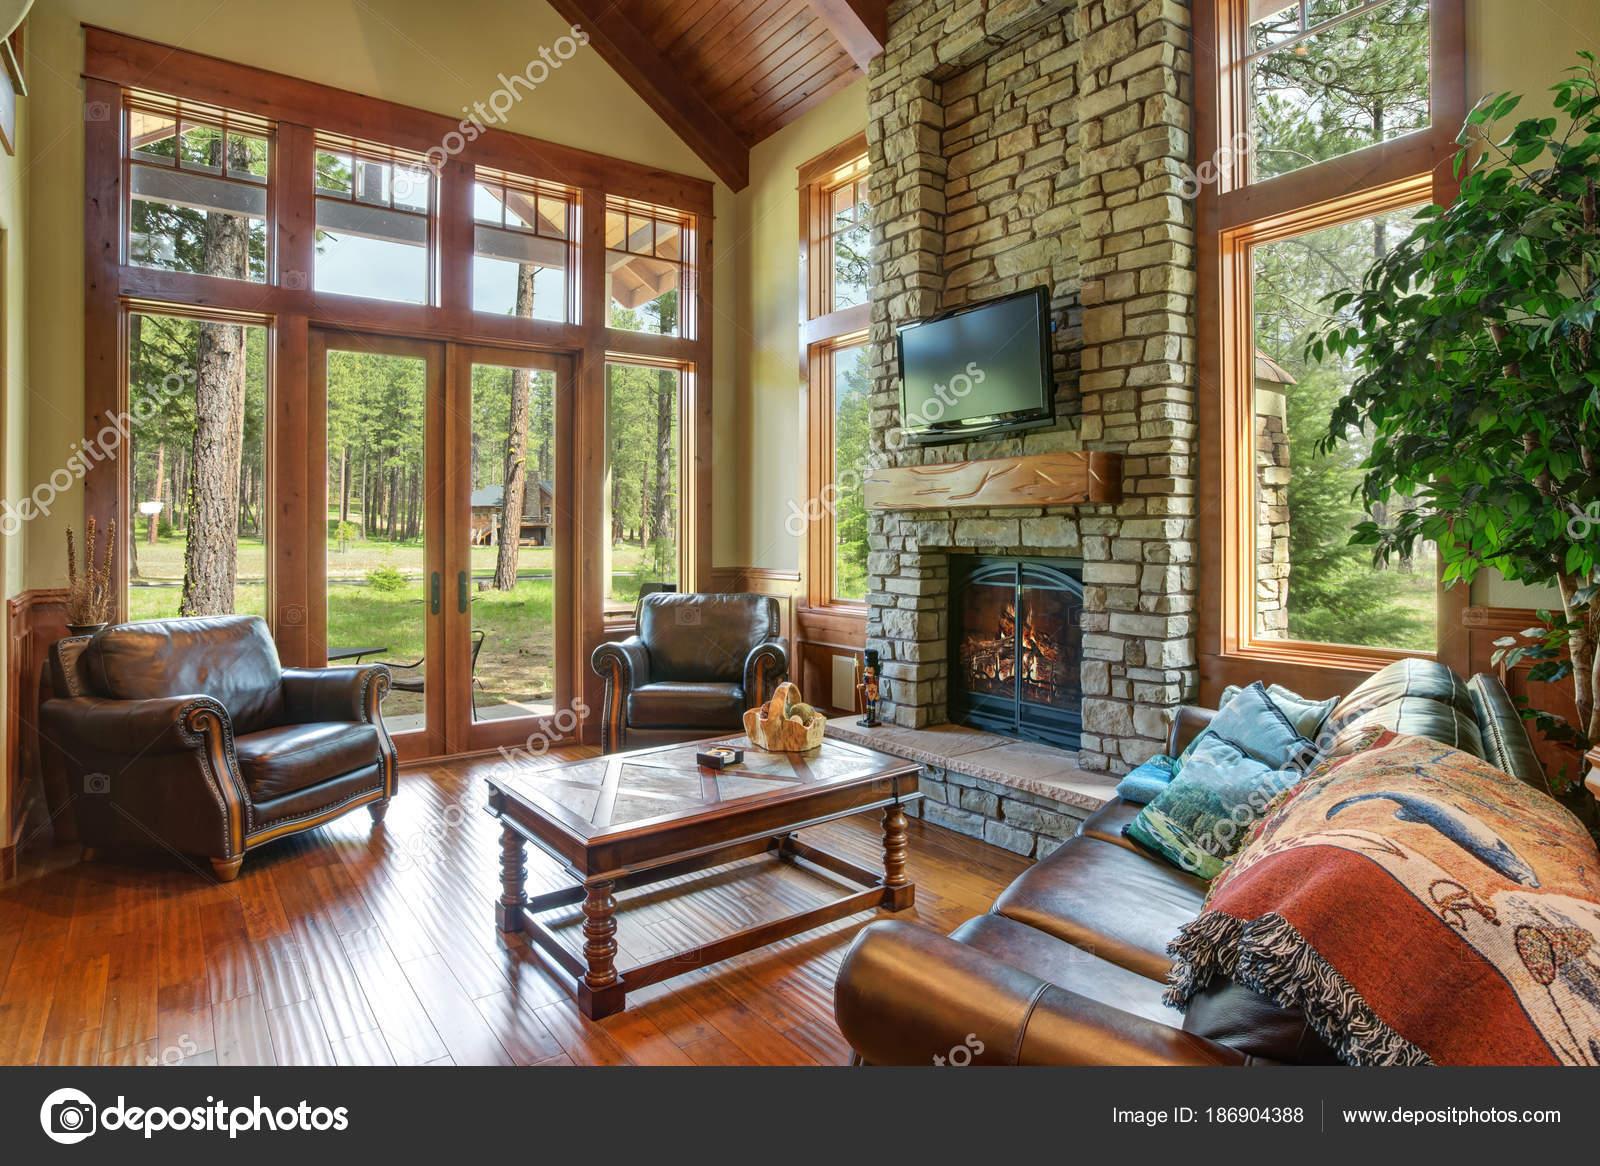 Beeindruckendes Design Wohnzimmer Mit Kamin Steinmauer Stockfoto